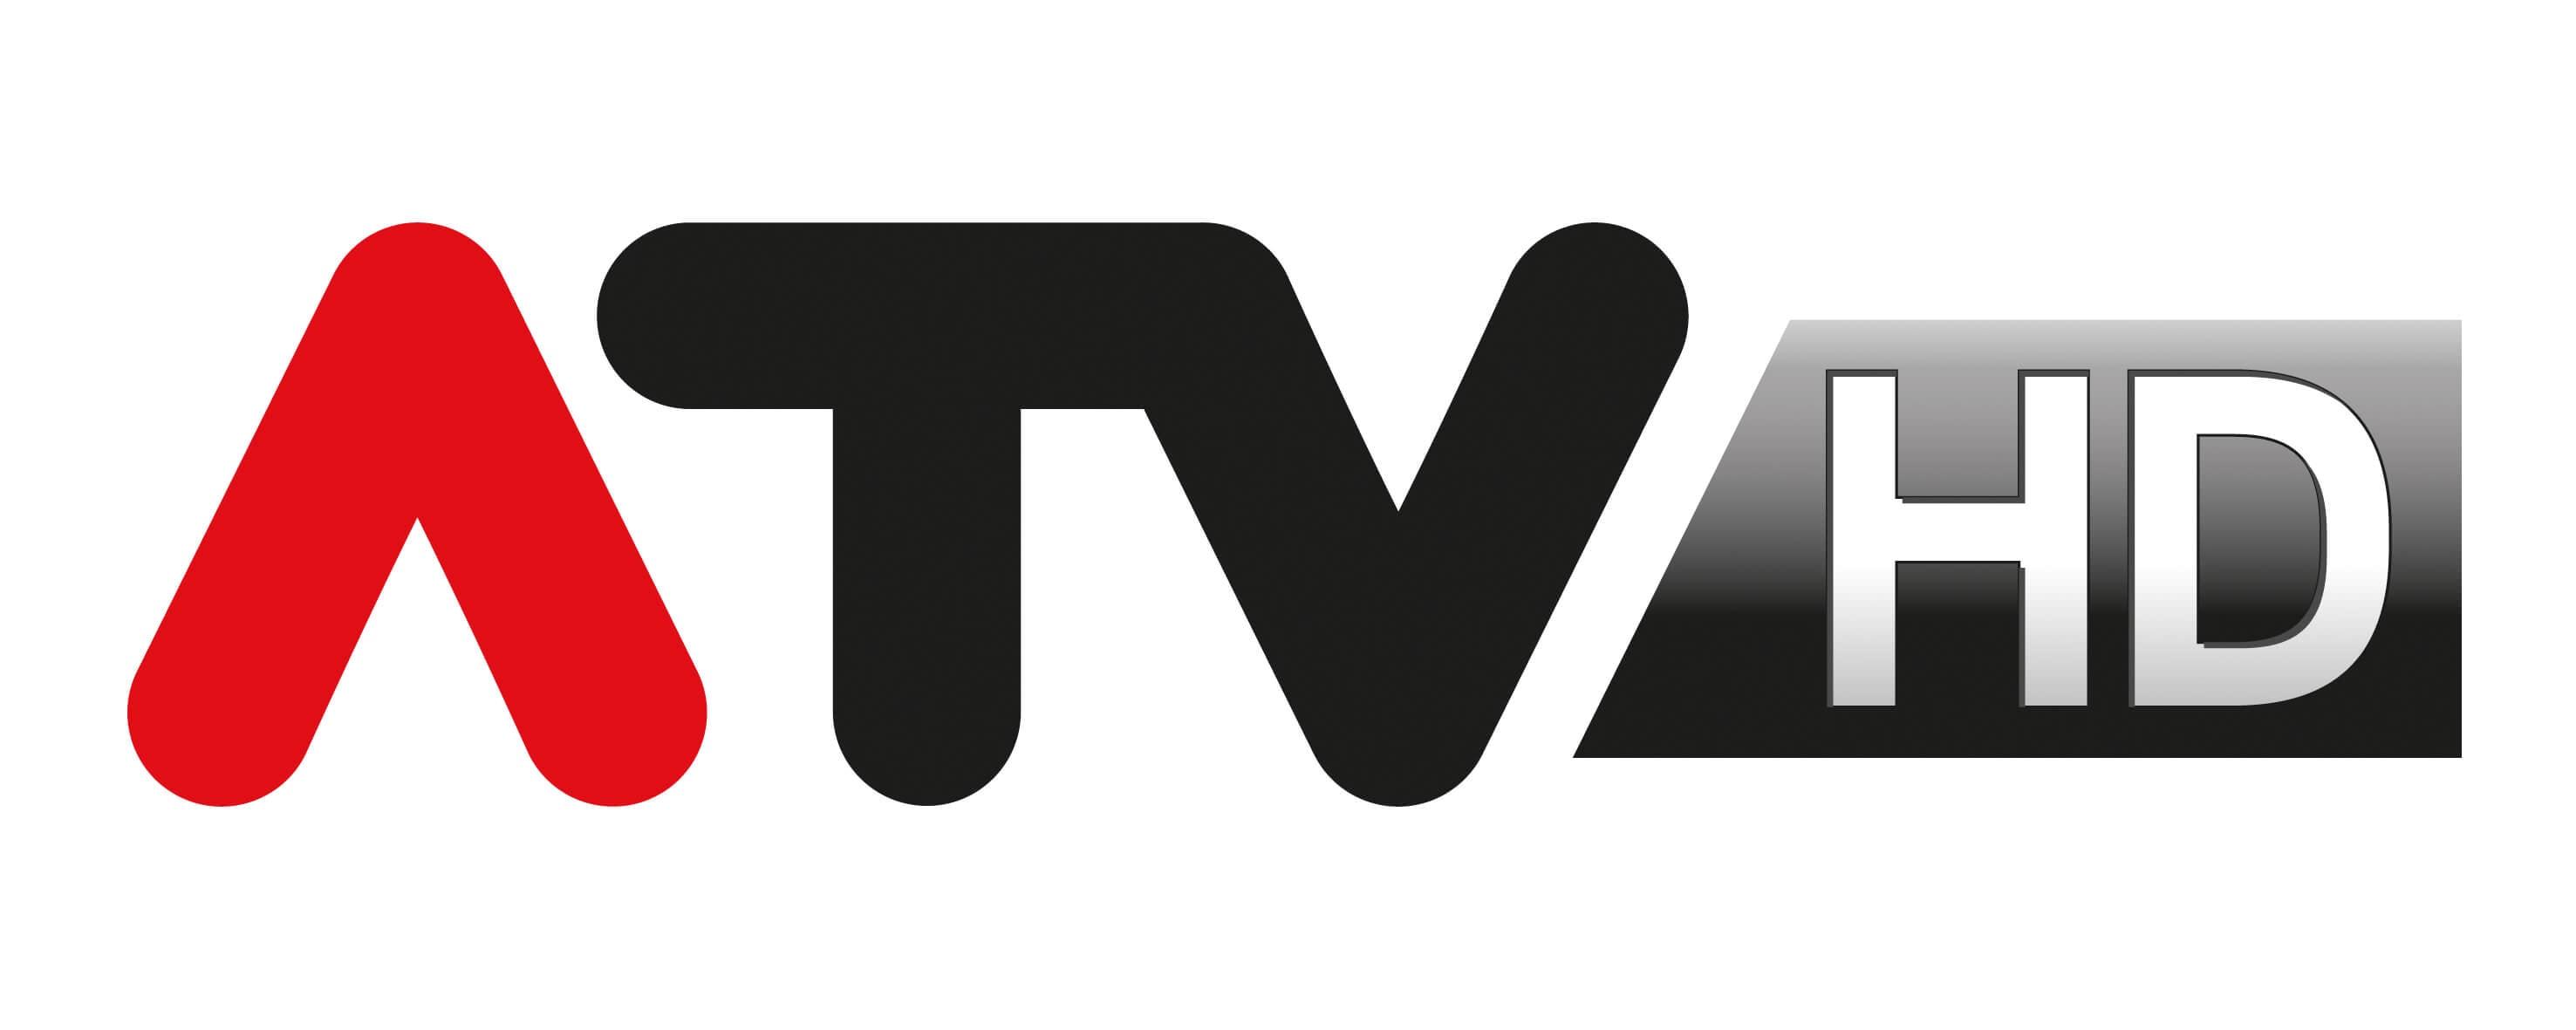 LOGO HD ATV black - Kameramann Andreas Felder